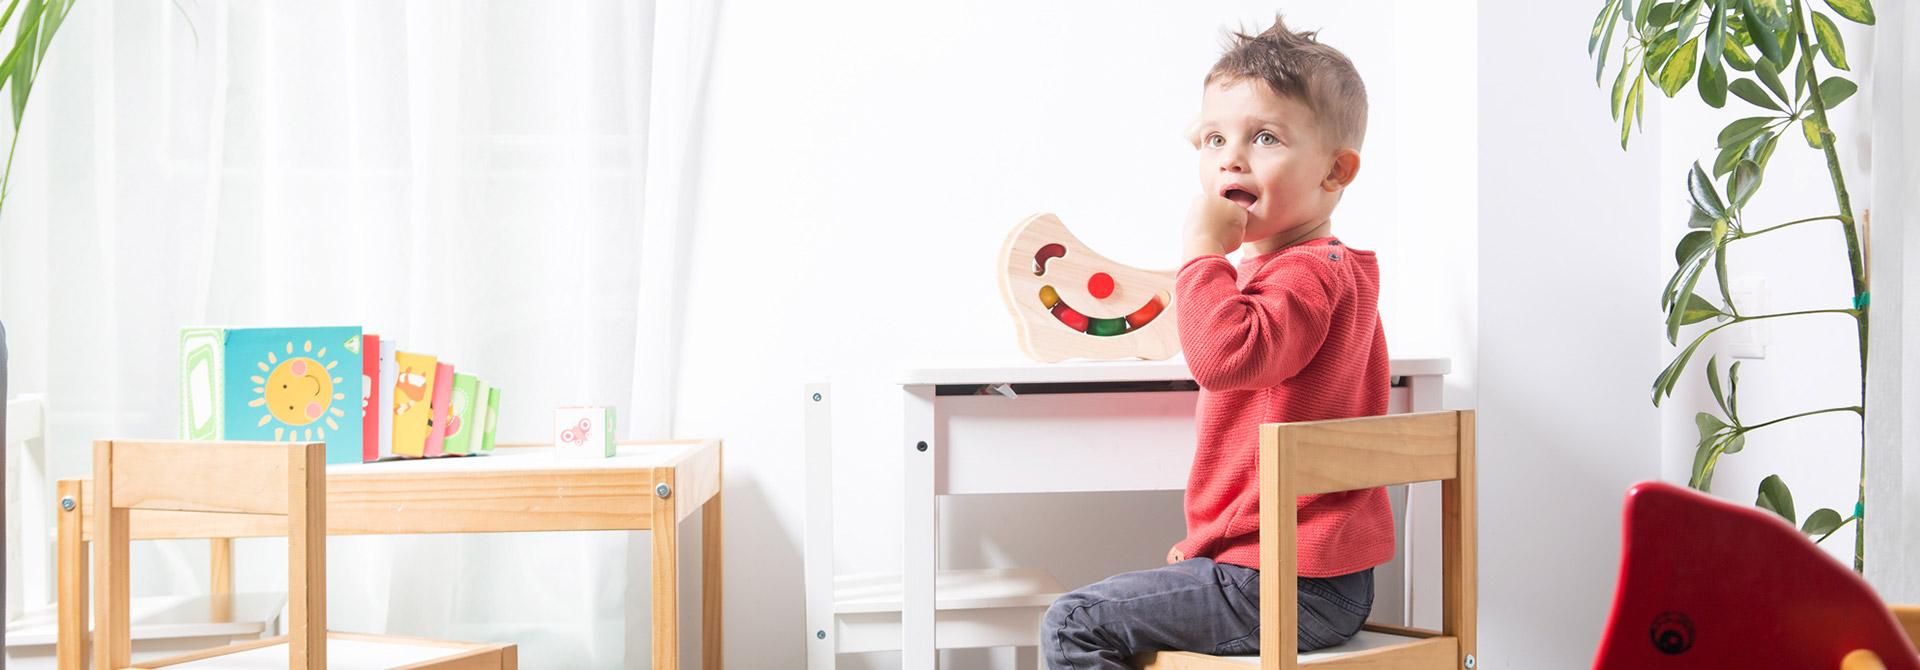 παιδια-ηροδοτος-ιατρικο-κεντρο